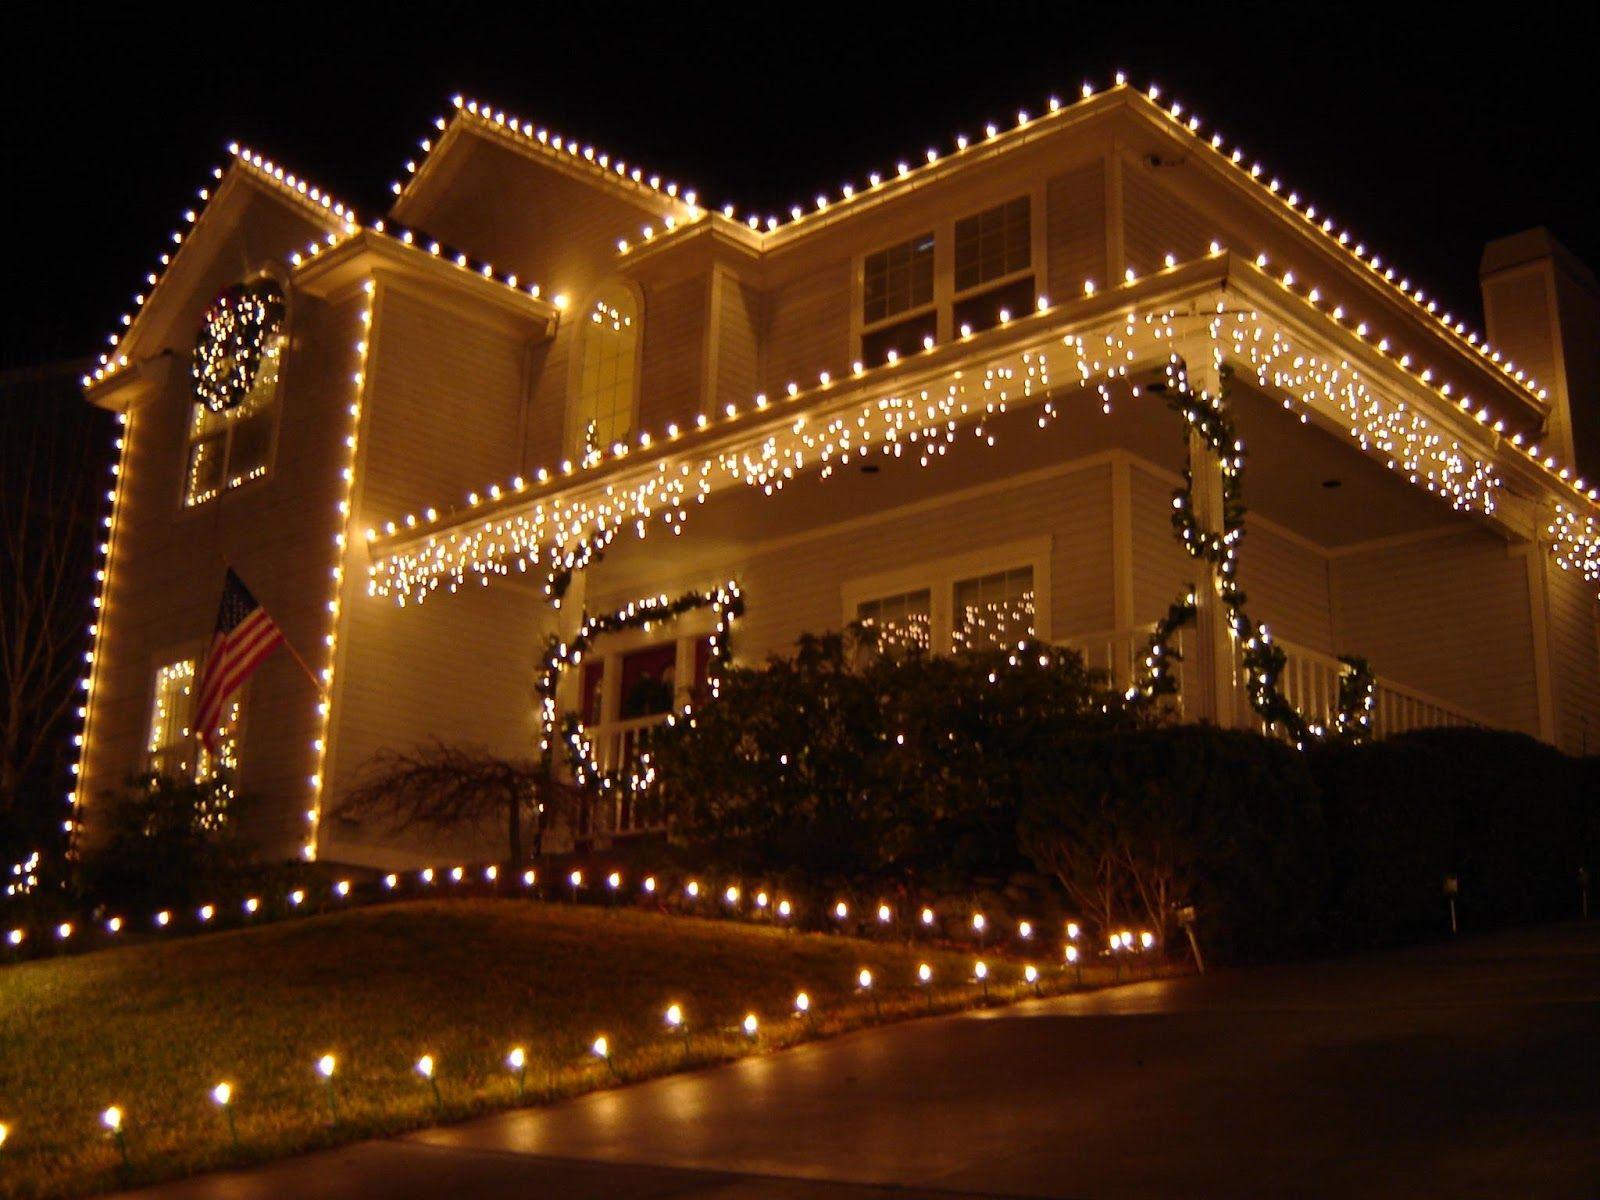 Decora La Fachada De Tu Casa Con Luces Estas Navidades Colgar Luces De Navidad Luces De Navidad Exteriores Luces Navidad Decoracion